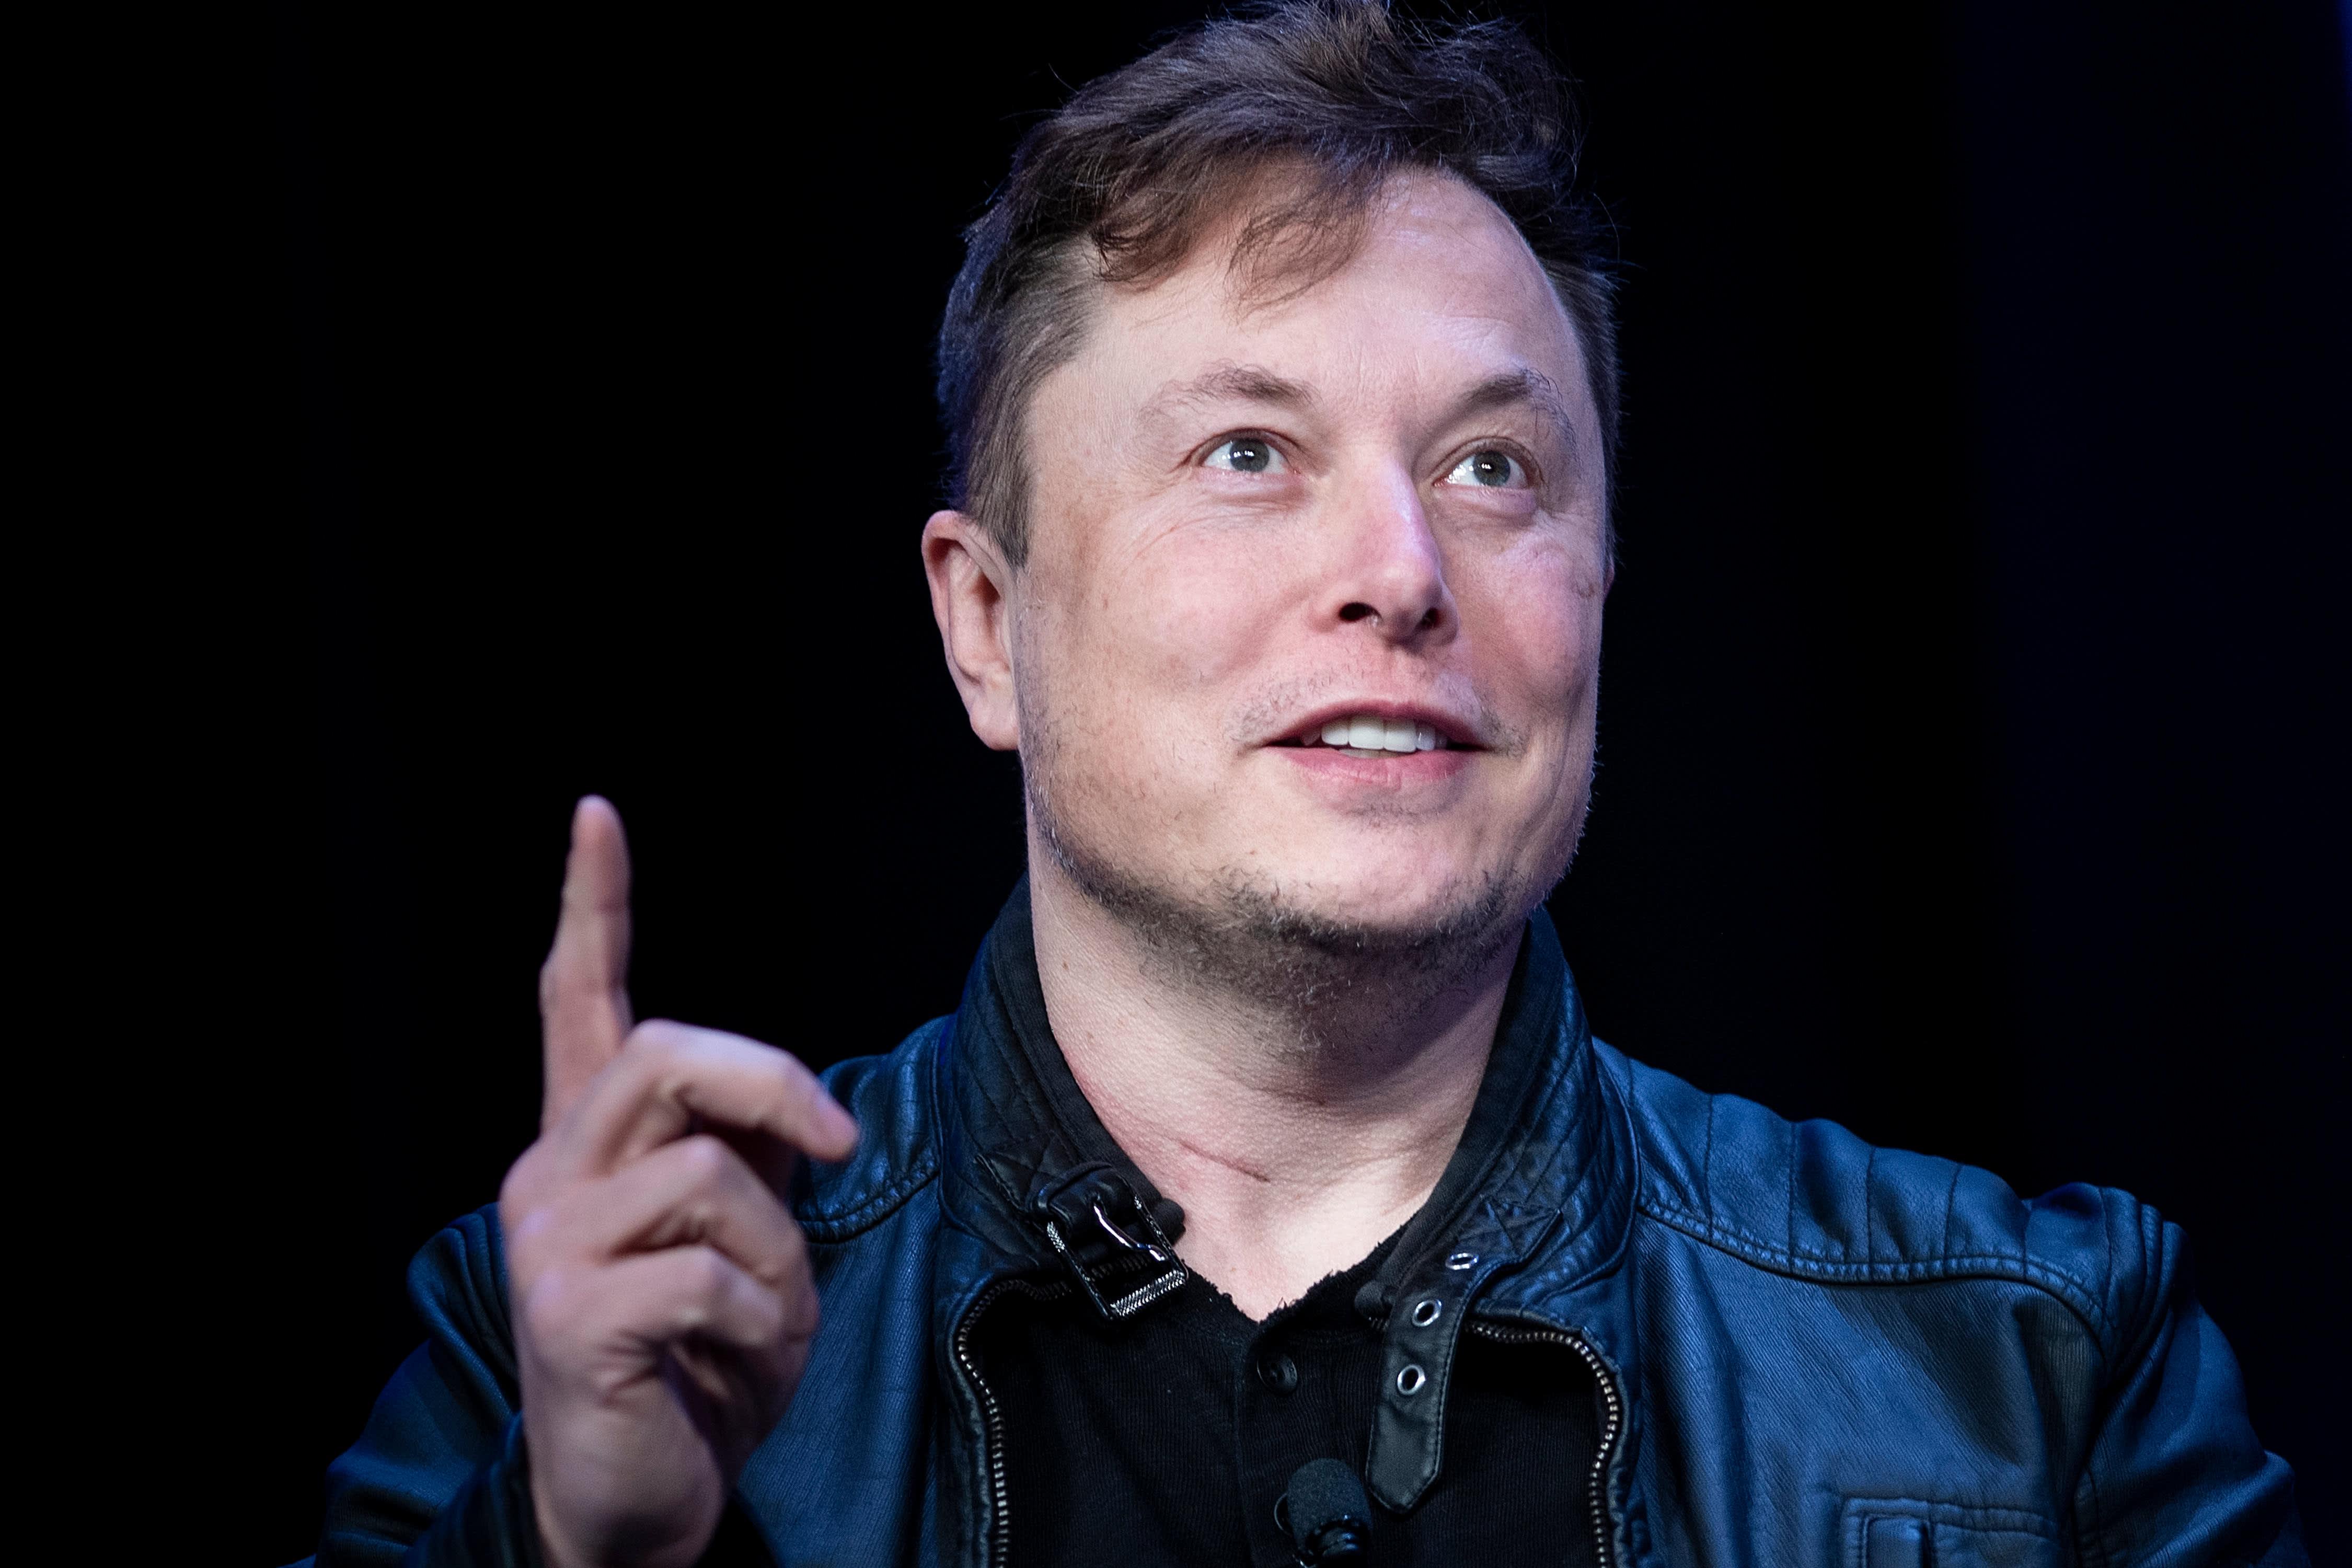 Il giovane Elon Musk in carriera pensava che avrebbe perseguito